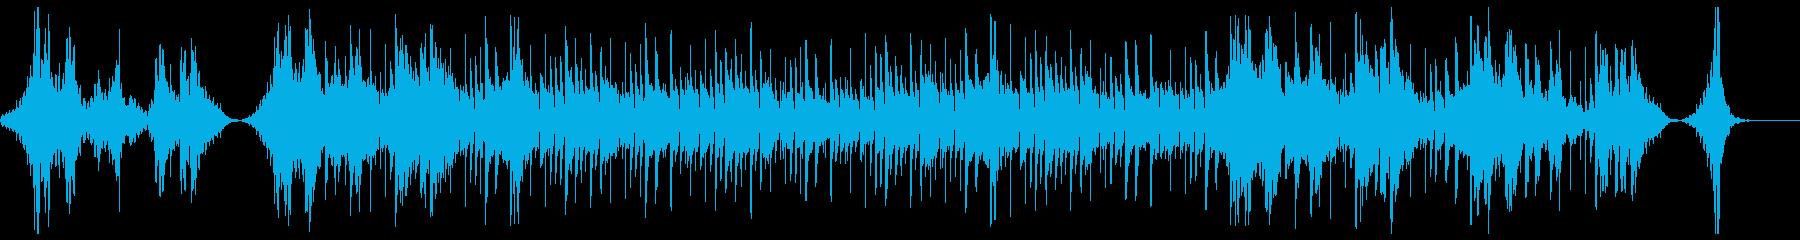 動画向けクールハイセンスBGMの再生済みの波形